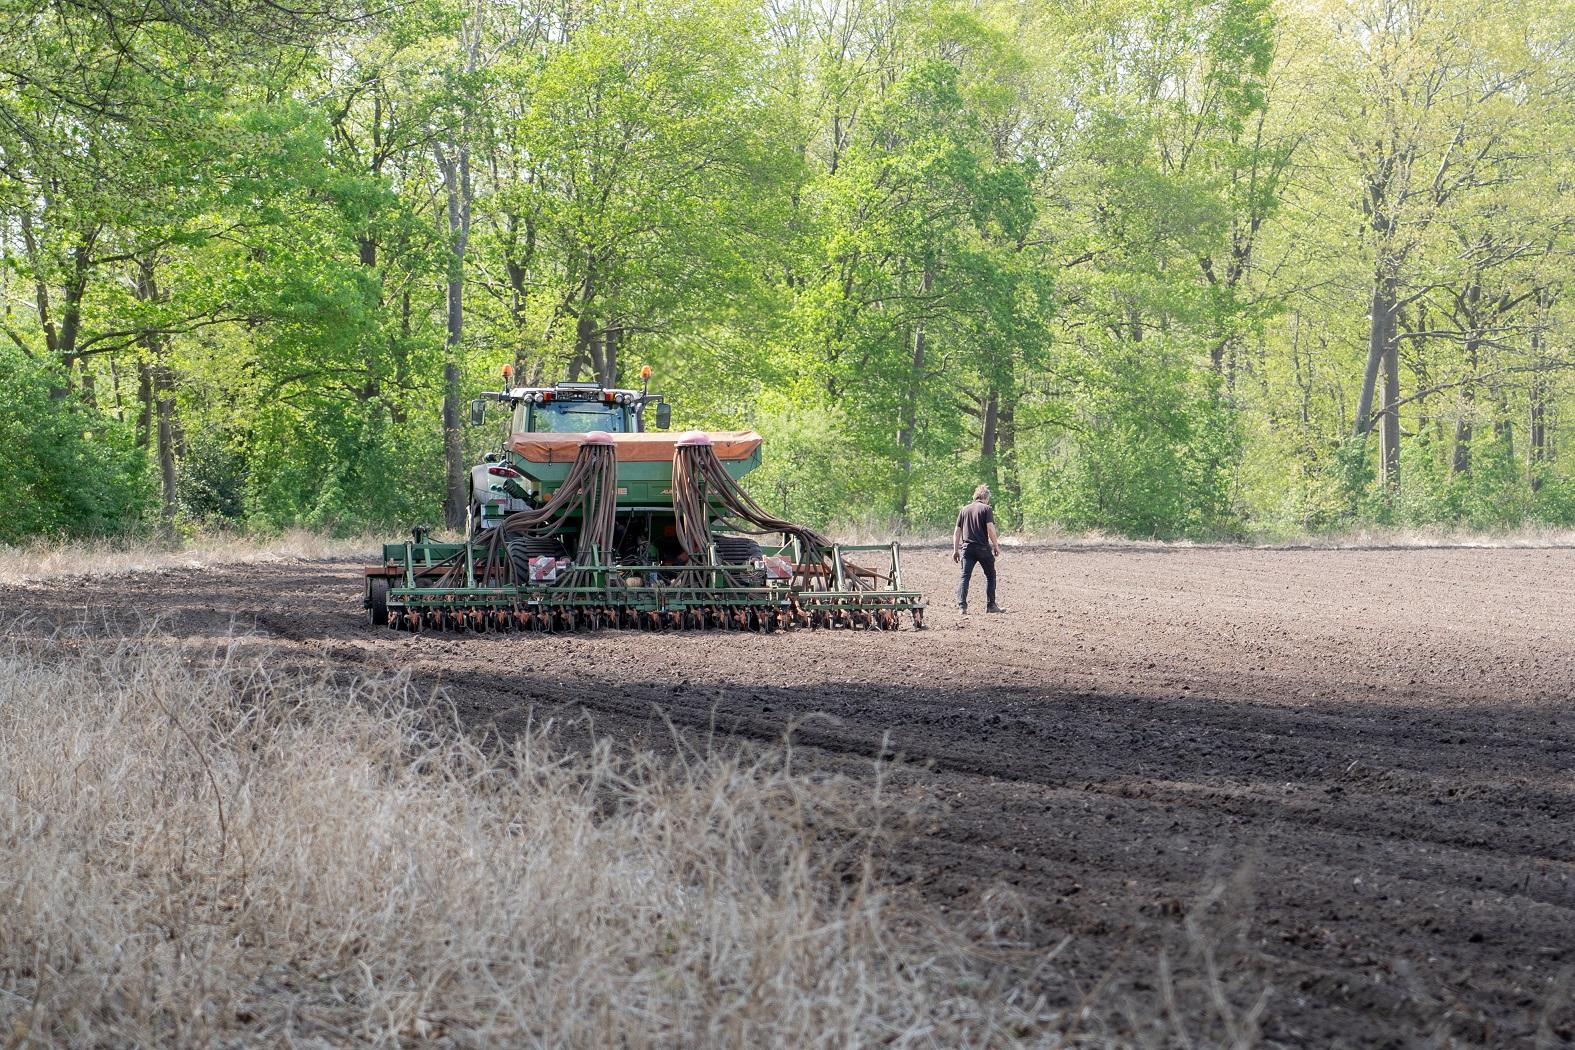 Rondom de uien heeft Van Leeuwen-Boomkamp zomertarwe gezaaid. Daardoor en door middelen i.v.m. spuitboombreedte, verdween de variatie in bodemherbicidedosering nagenoeg.